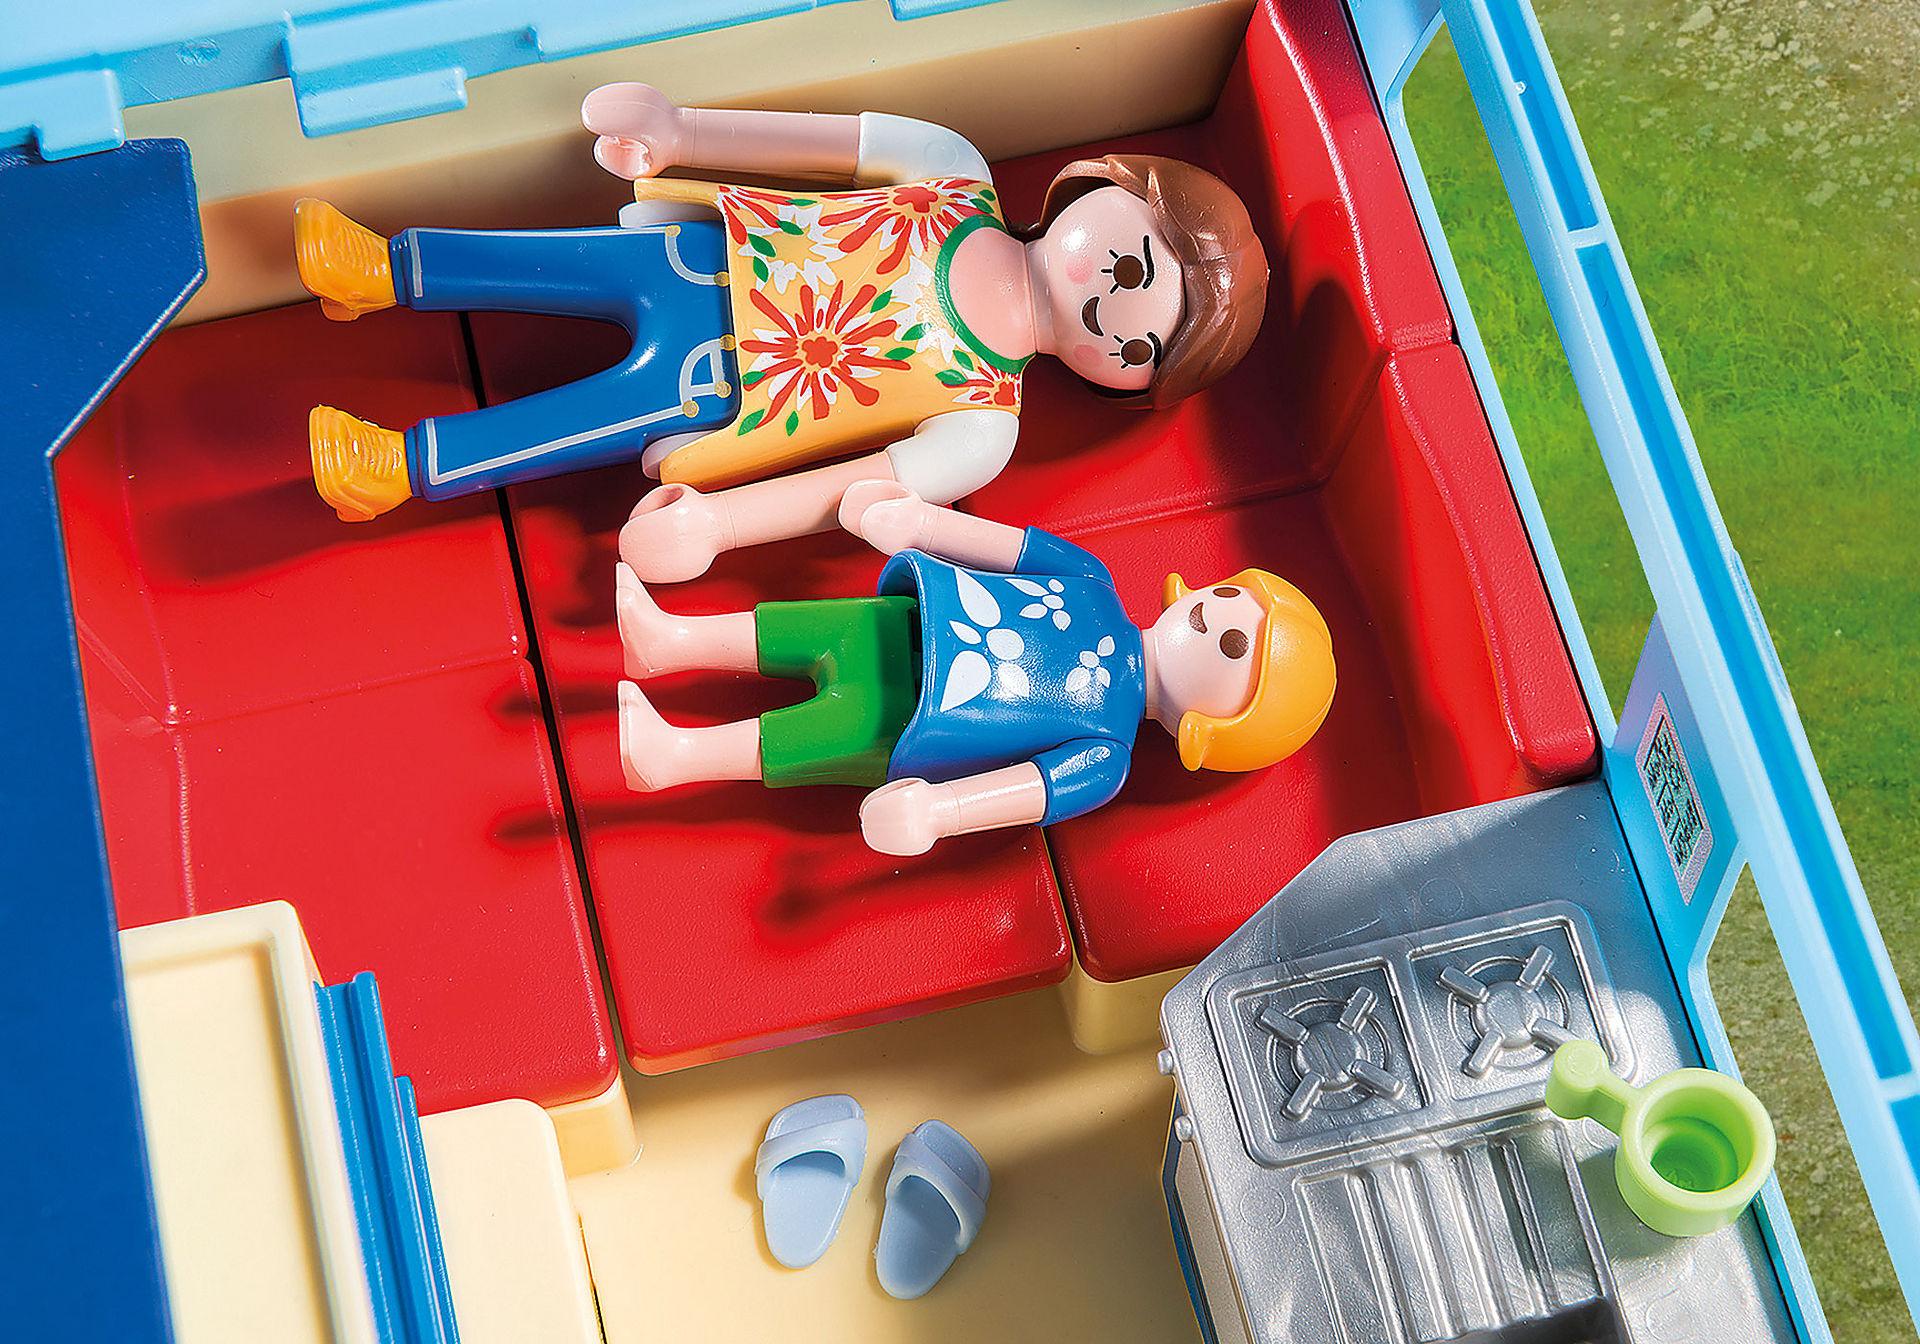 Maison moderne playmobil- vous pouvez dormir avec le bébé.